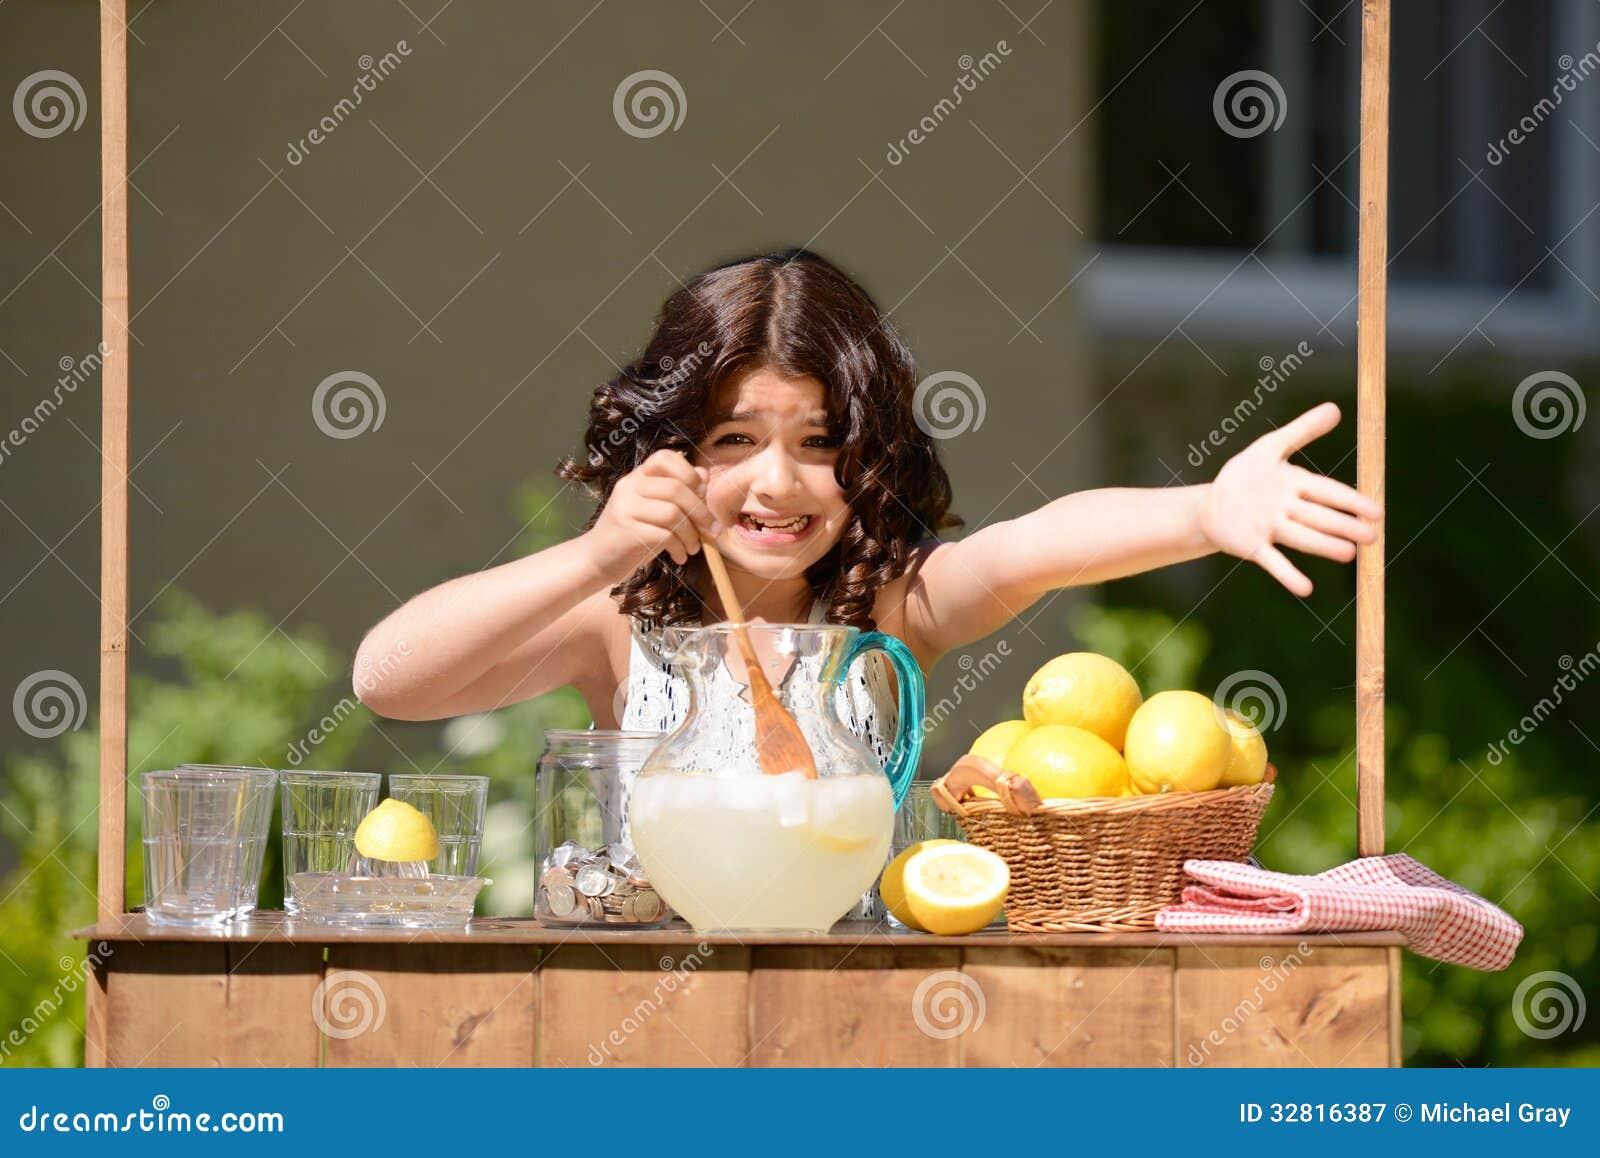 设法的小女孩卖柠檬水